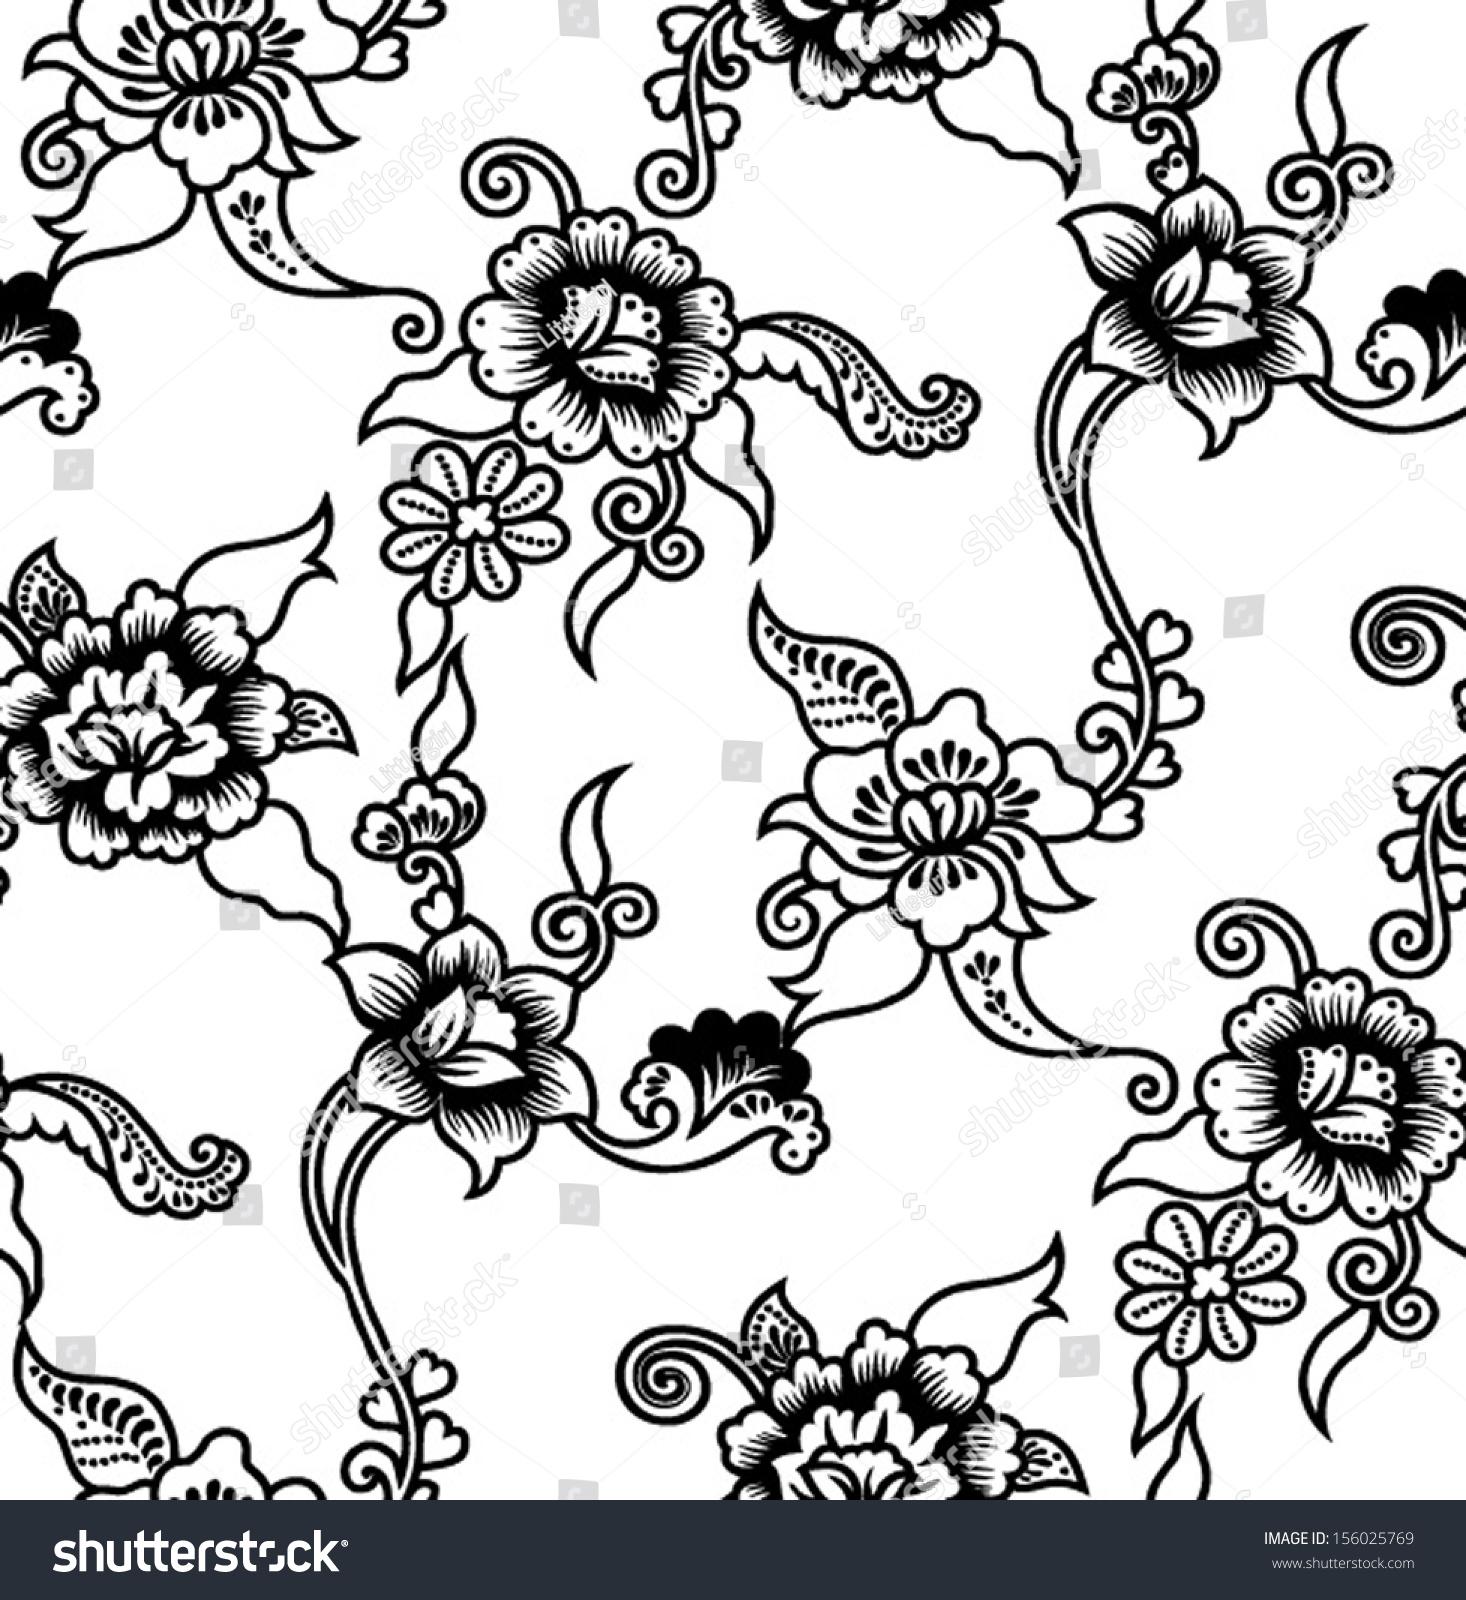 Top 24 Motif Bunga Wallpaper Cool Hd